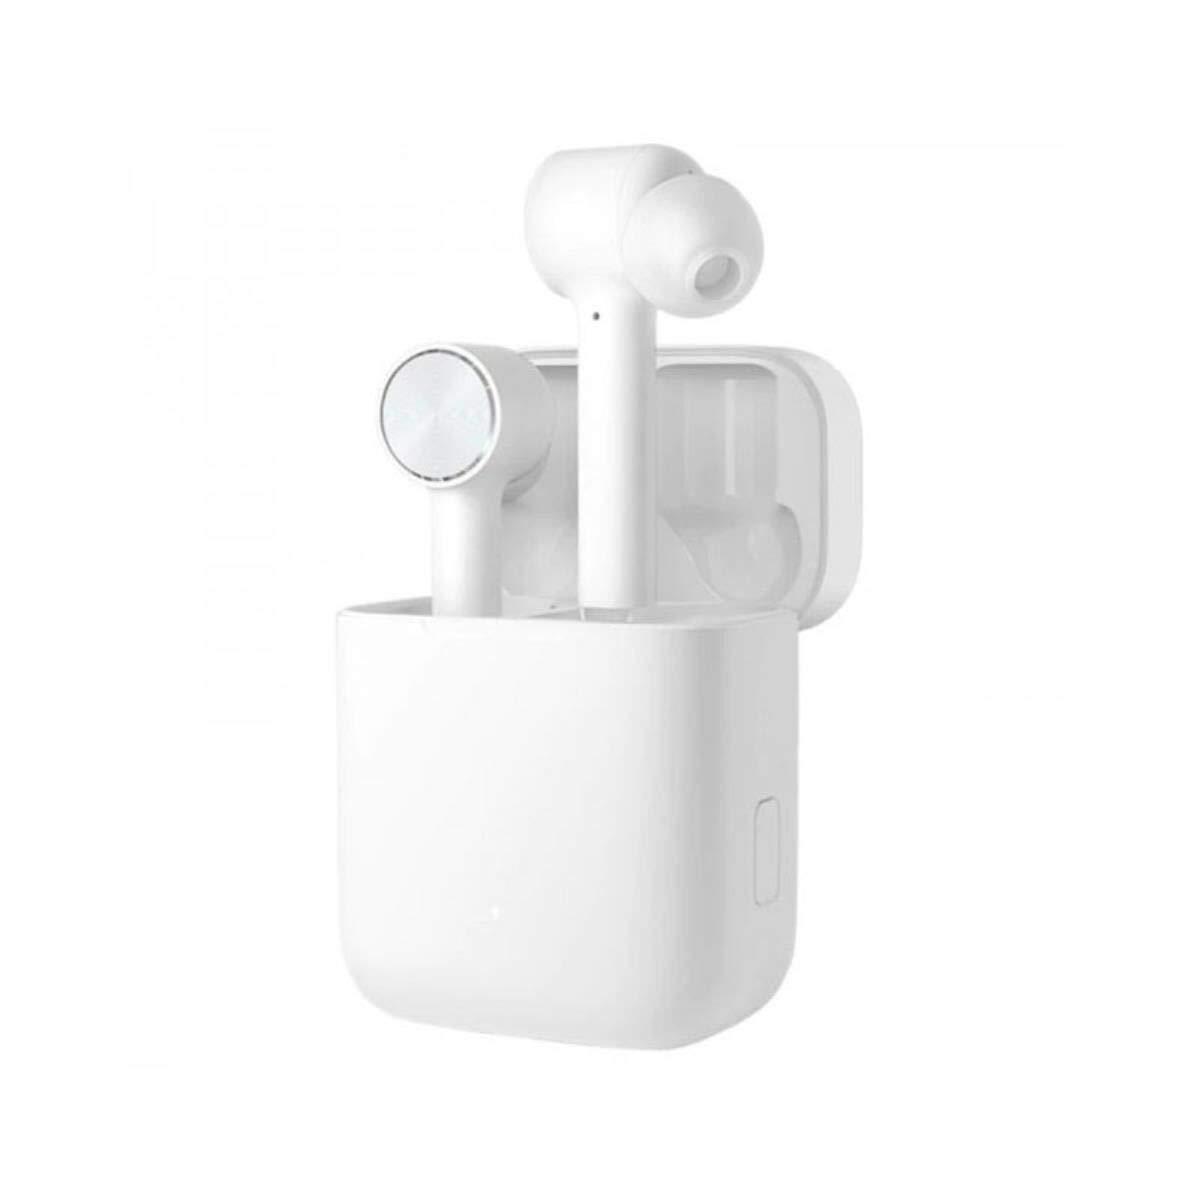 Auriculares inalambricos Bluetooth Xiaomi Mi AirDots Pro, Color Blanco (White), - Mi True Wireless Earphones. - Versión EU.